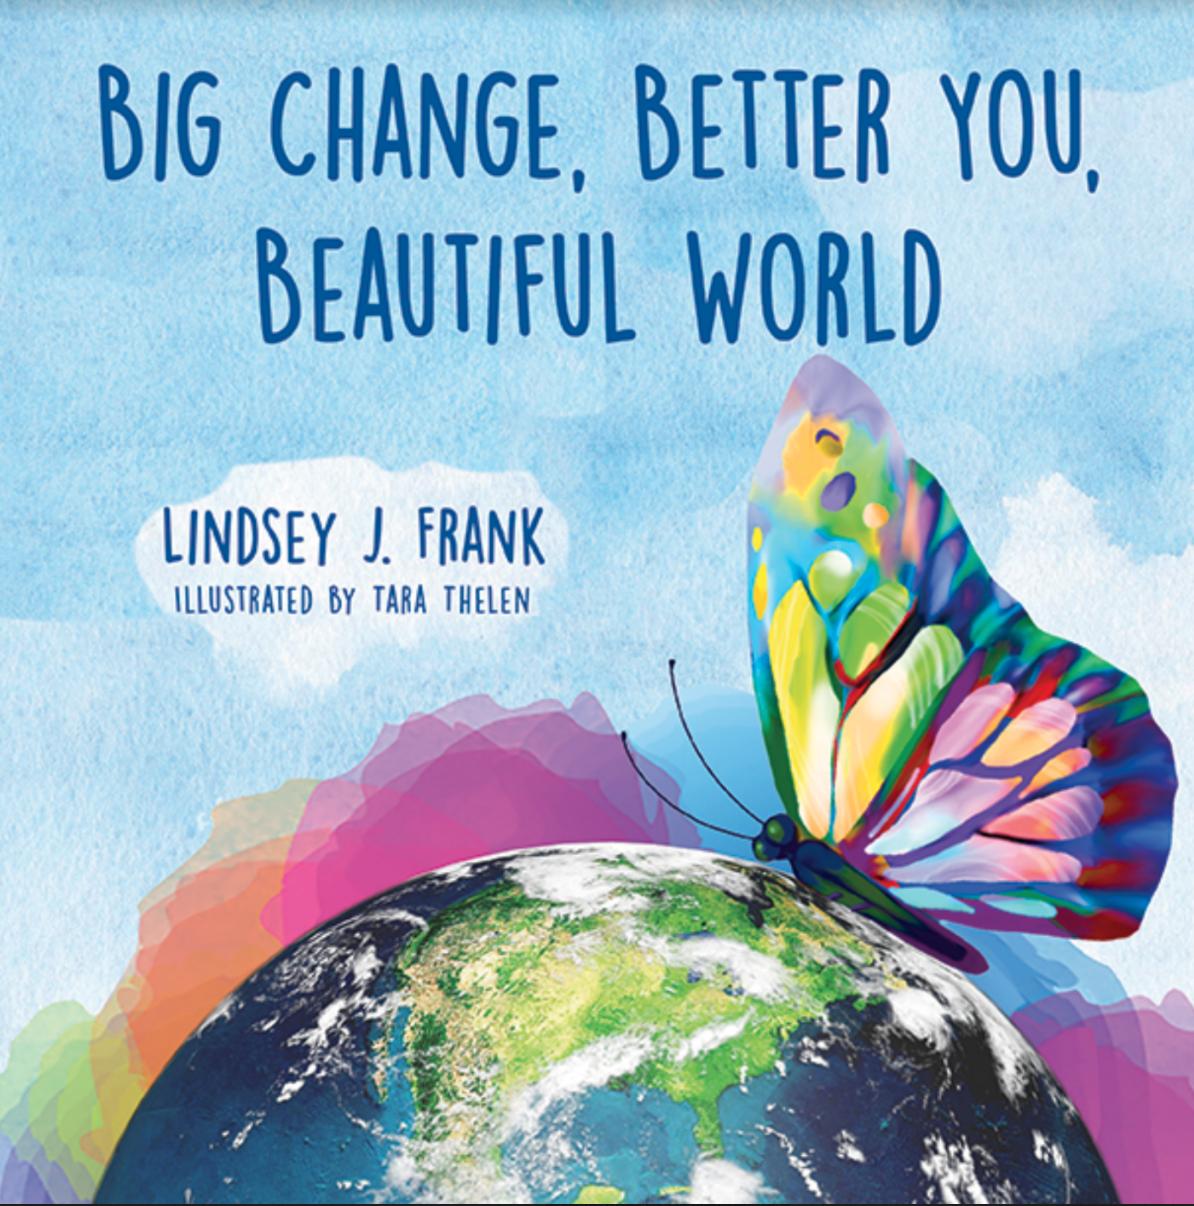 BIG CHANGE, BETTER YOU, BEAUTIFUL WORLD